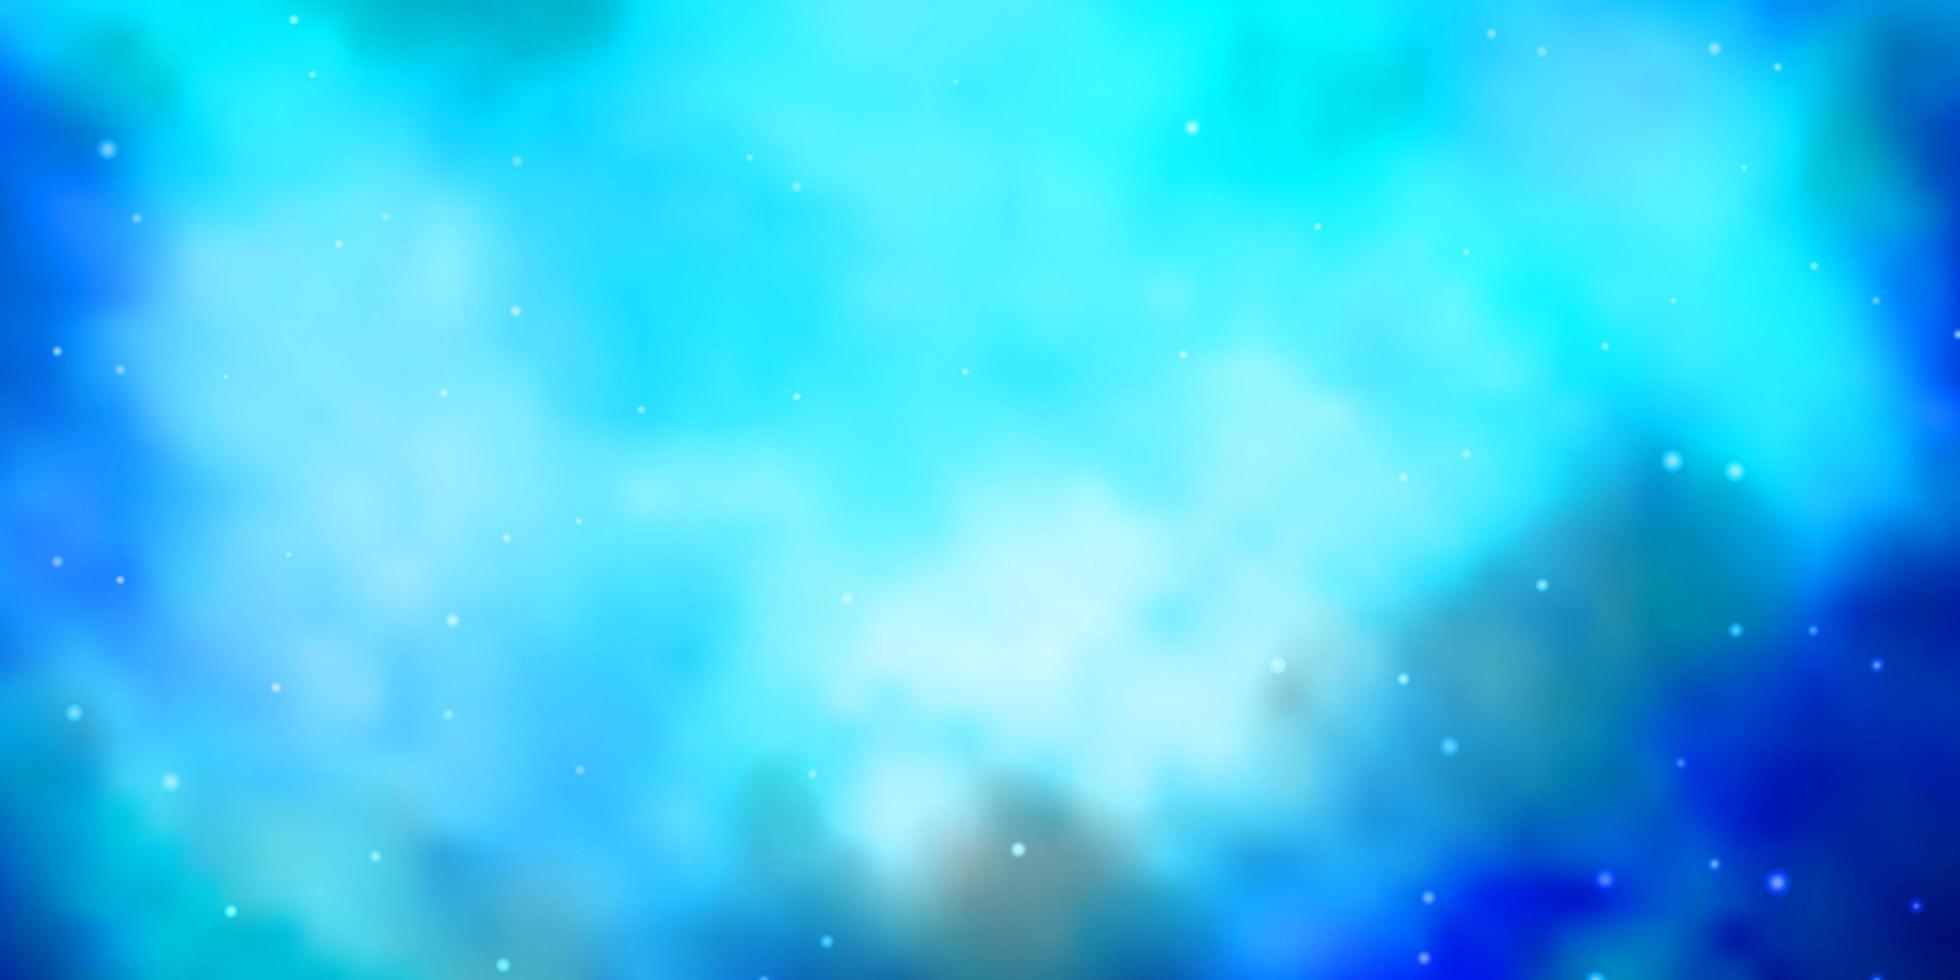 fundo vector azul escuro com estrelas pequenas e grandes.